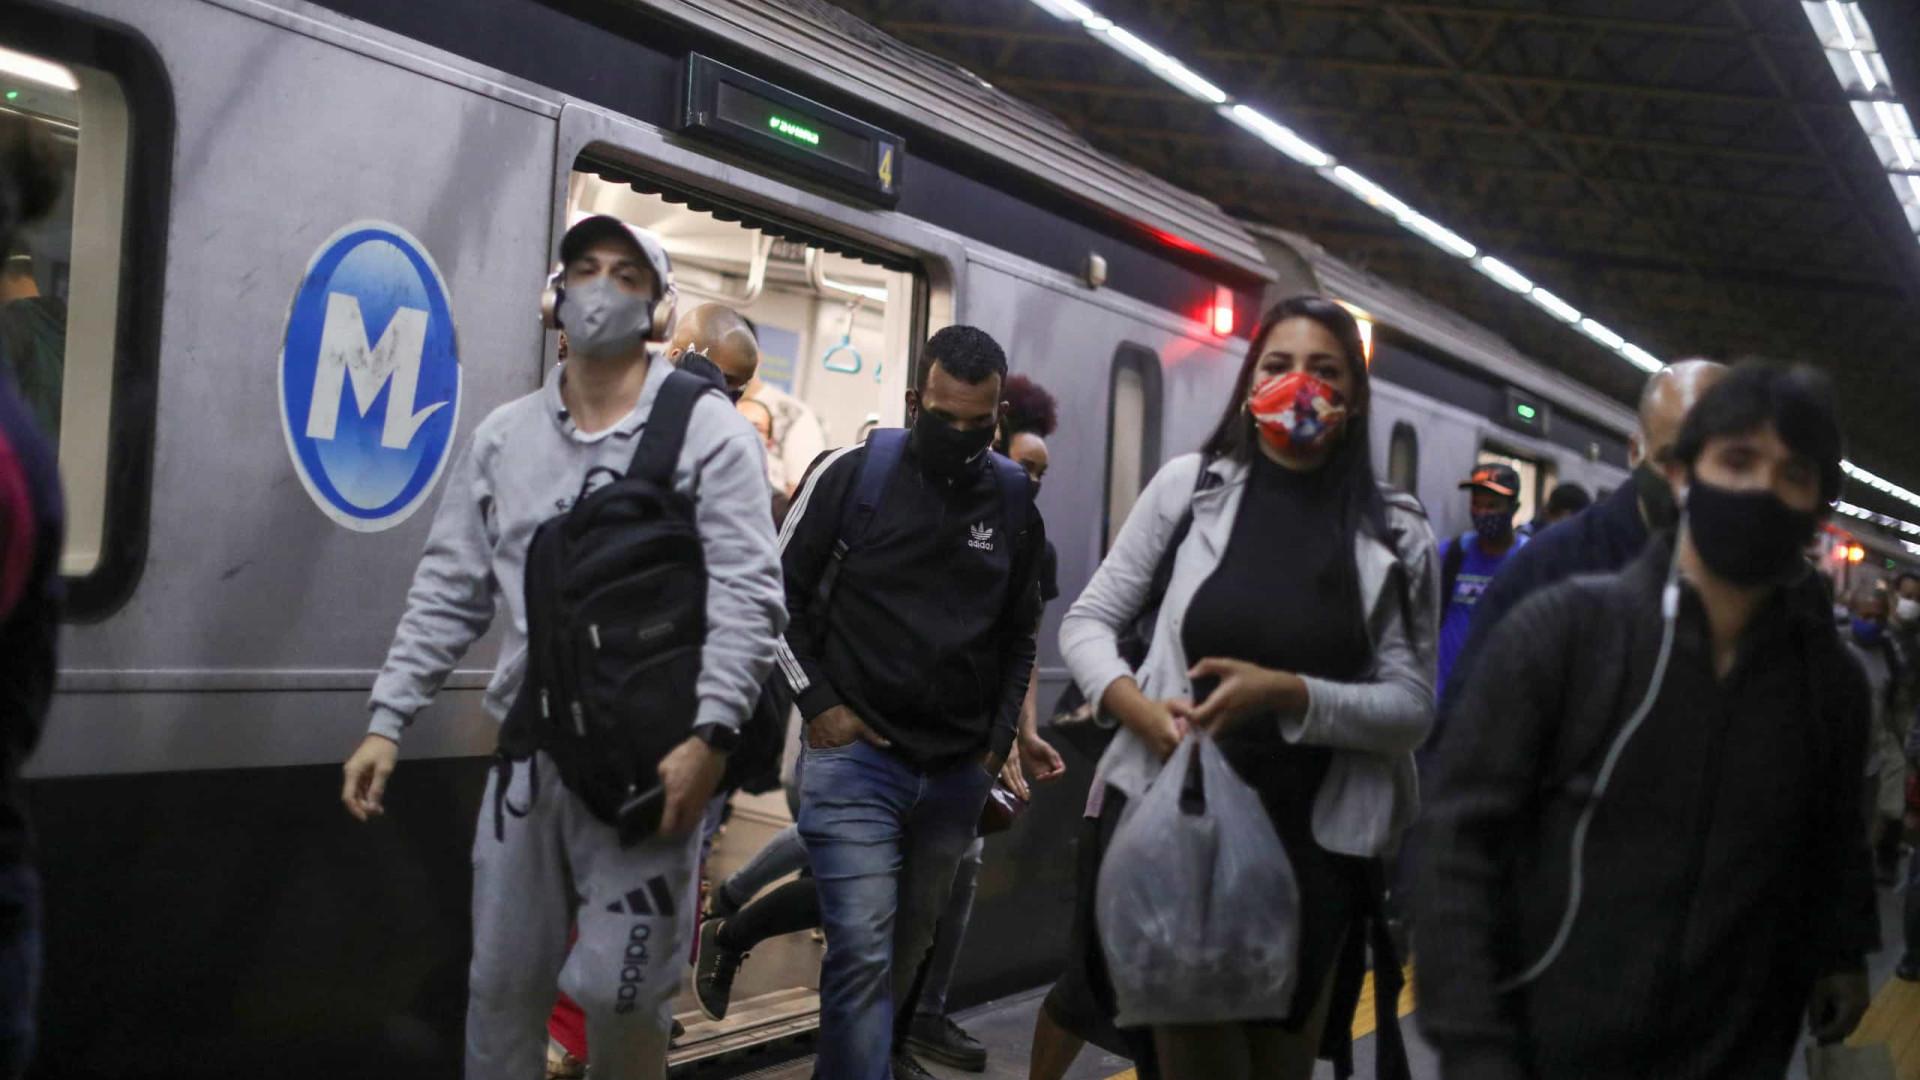 Covid-19: São Paulo contabiliza 321 óbitos e 14.809 casos em 24 horas